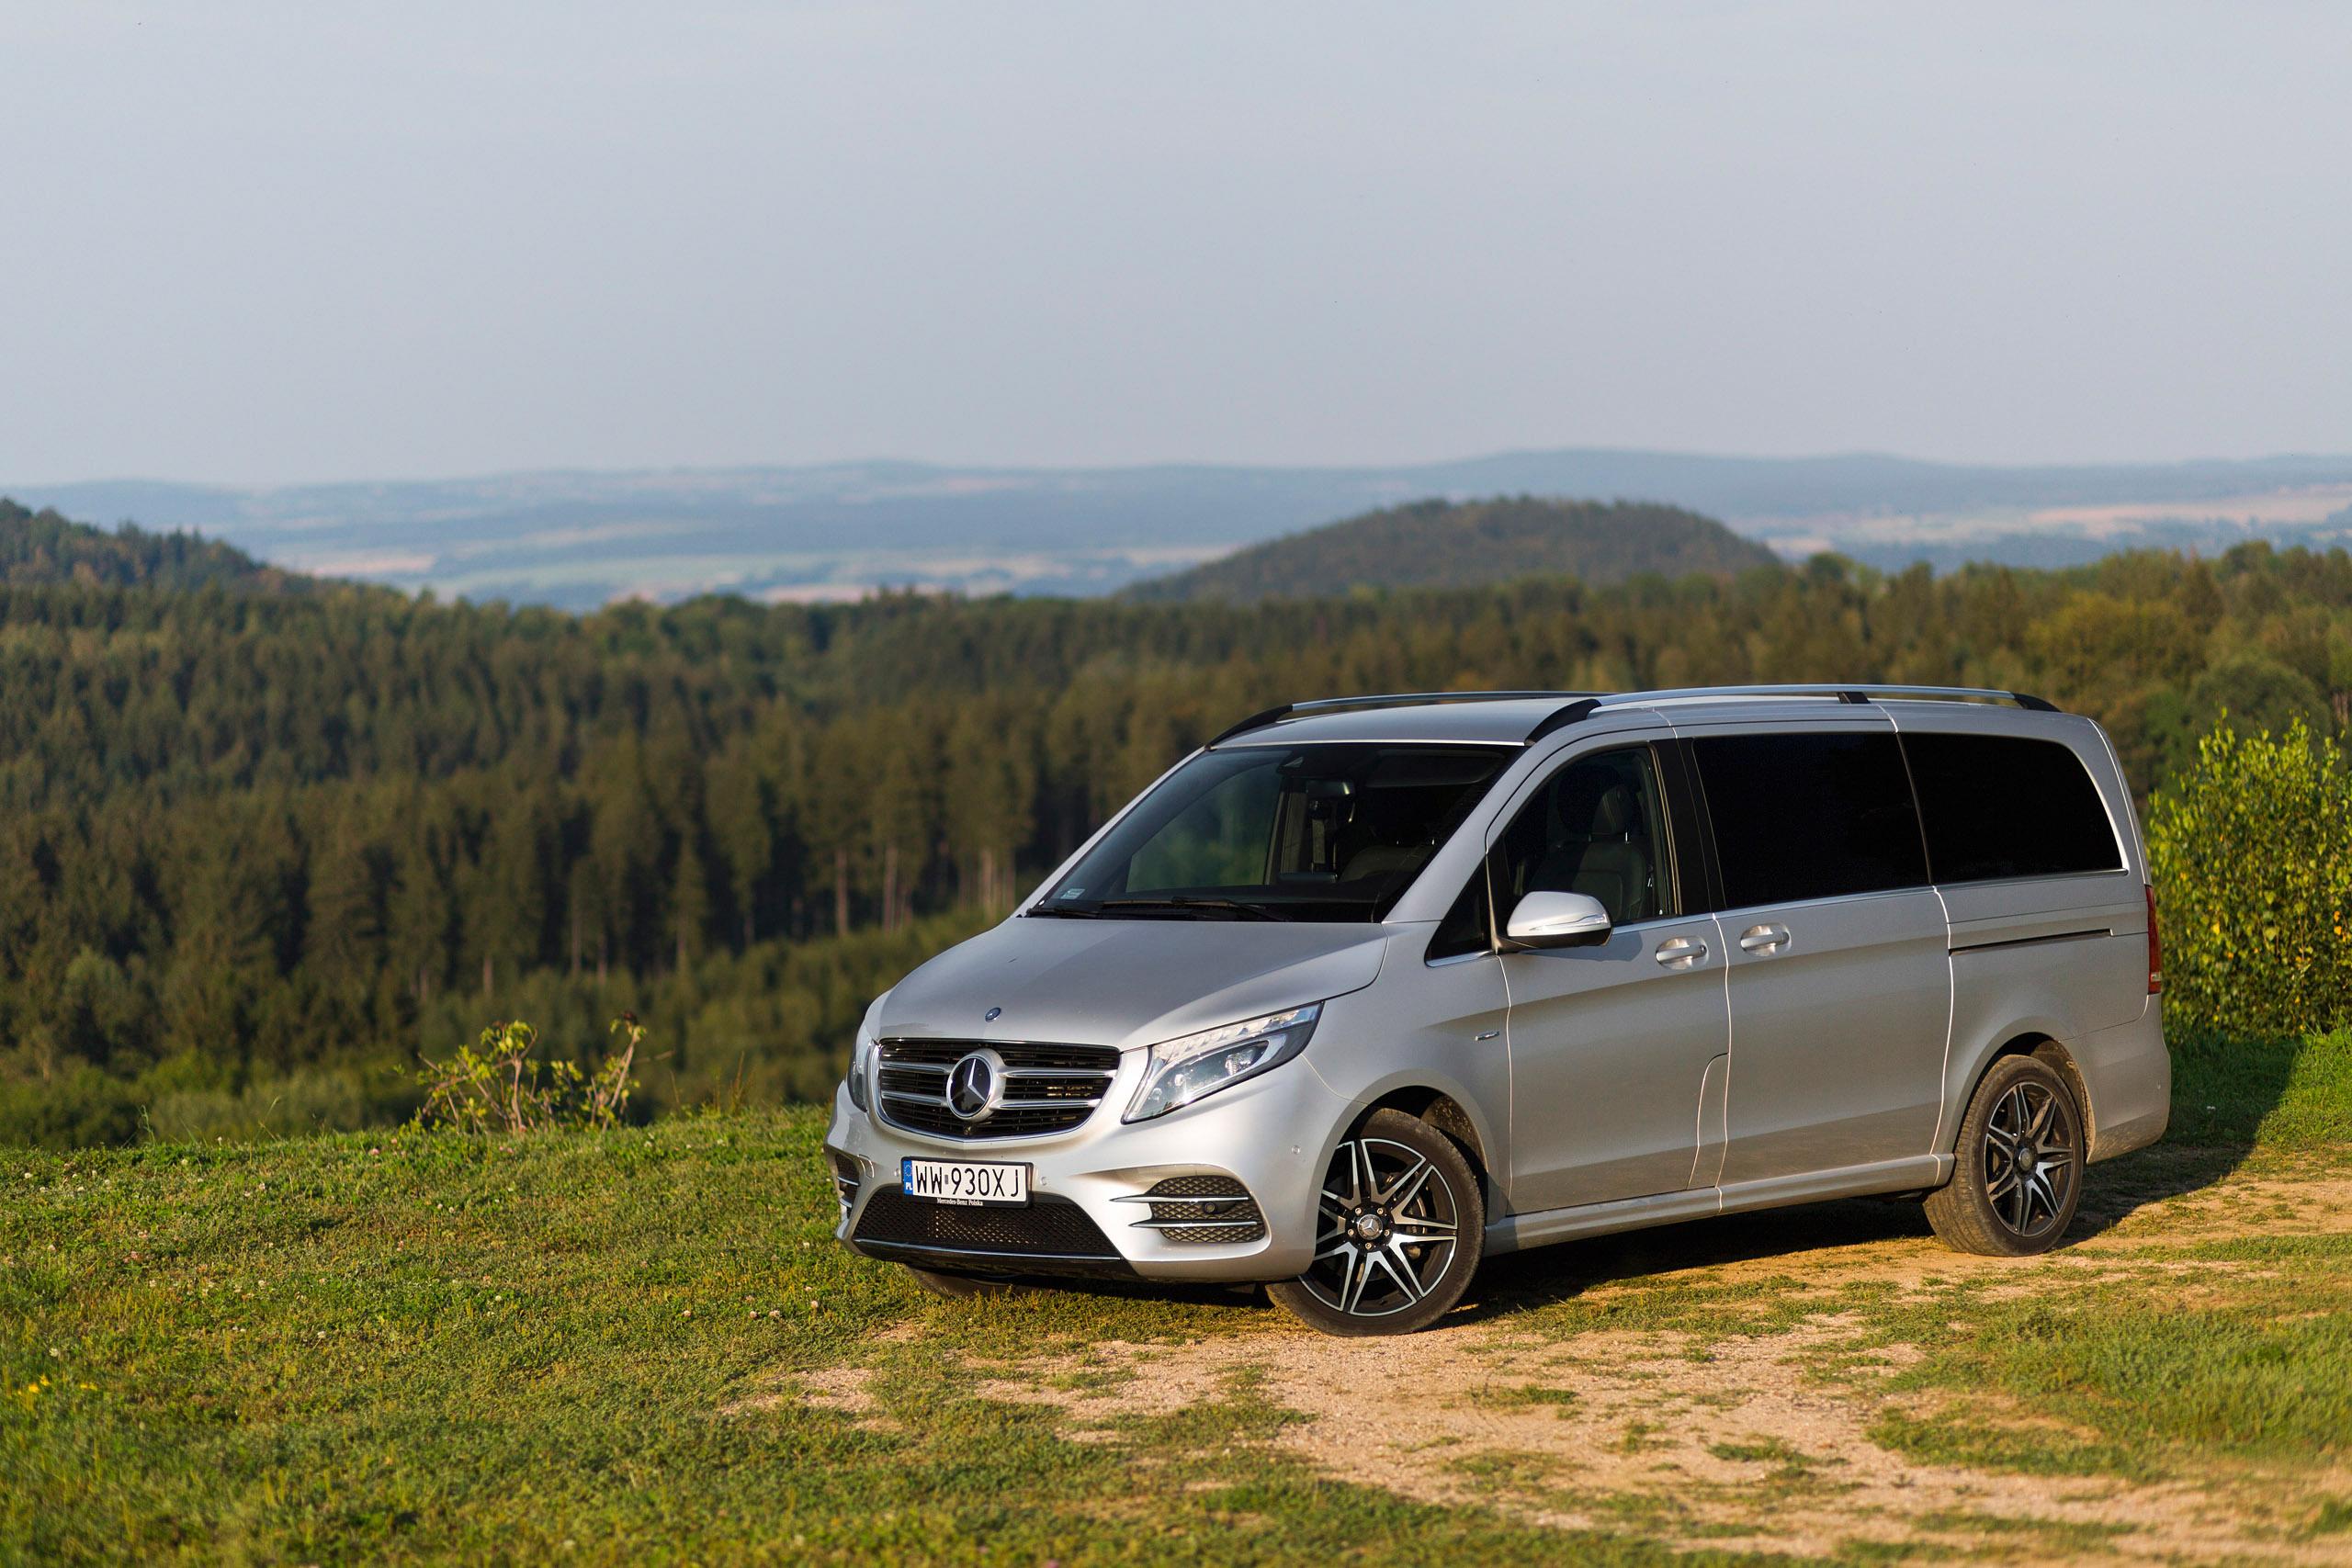 Mercedes benz v 250d amg line test project automotive for Mercedes benz v